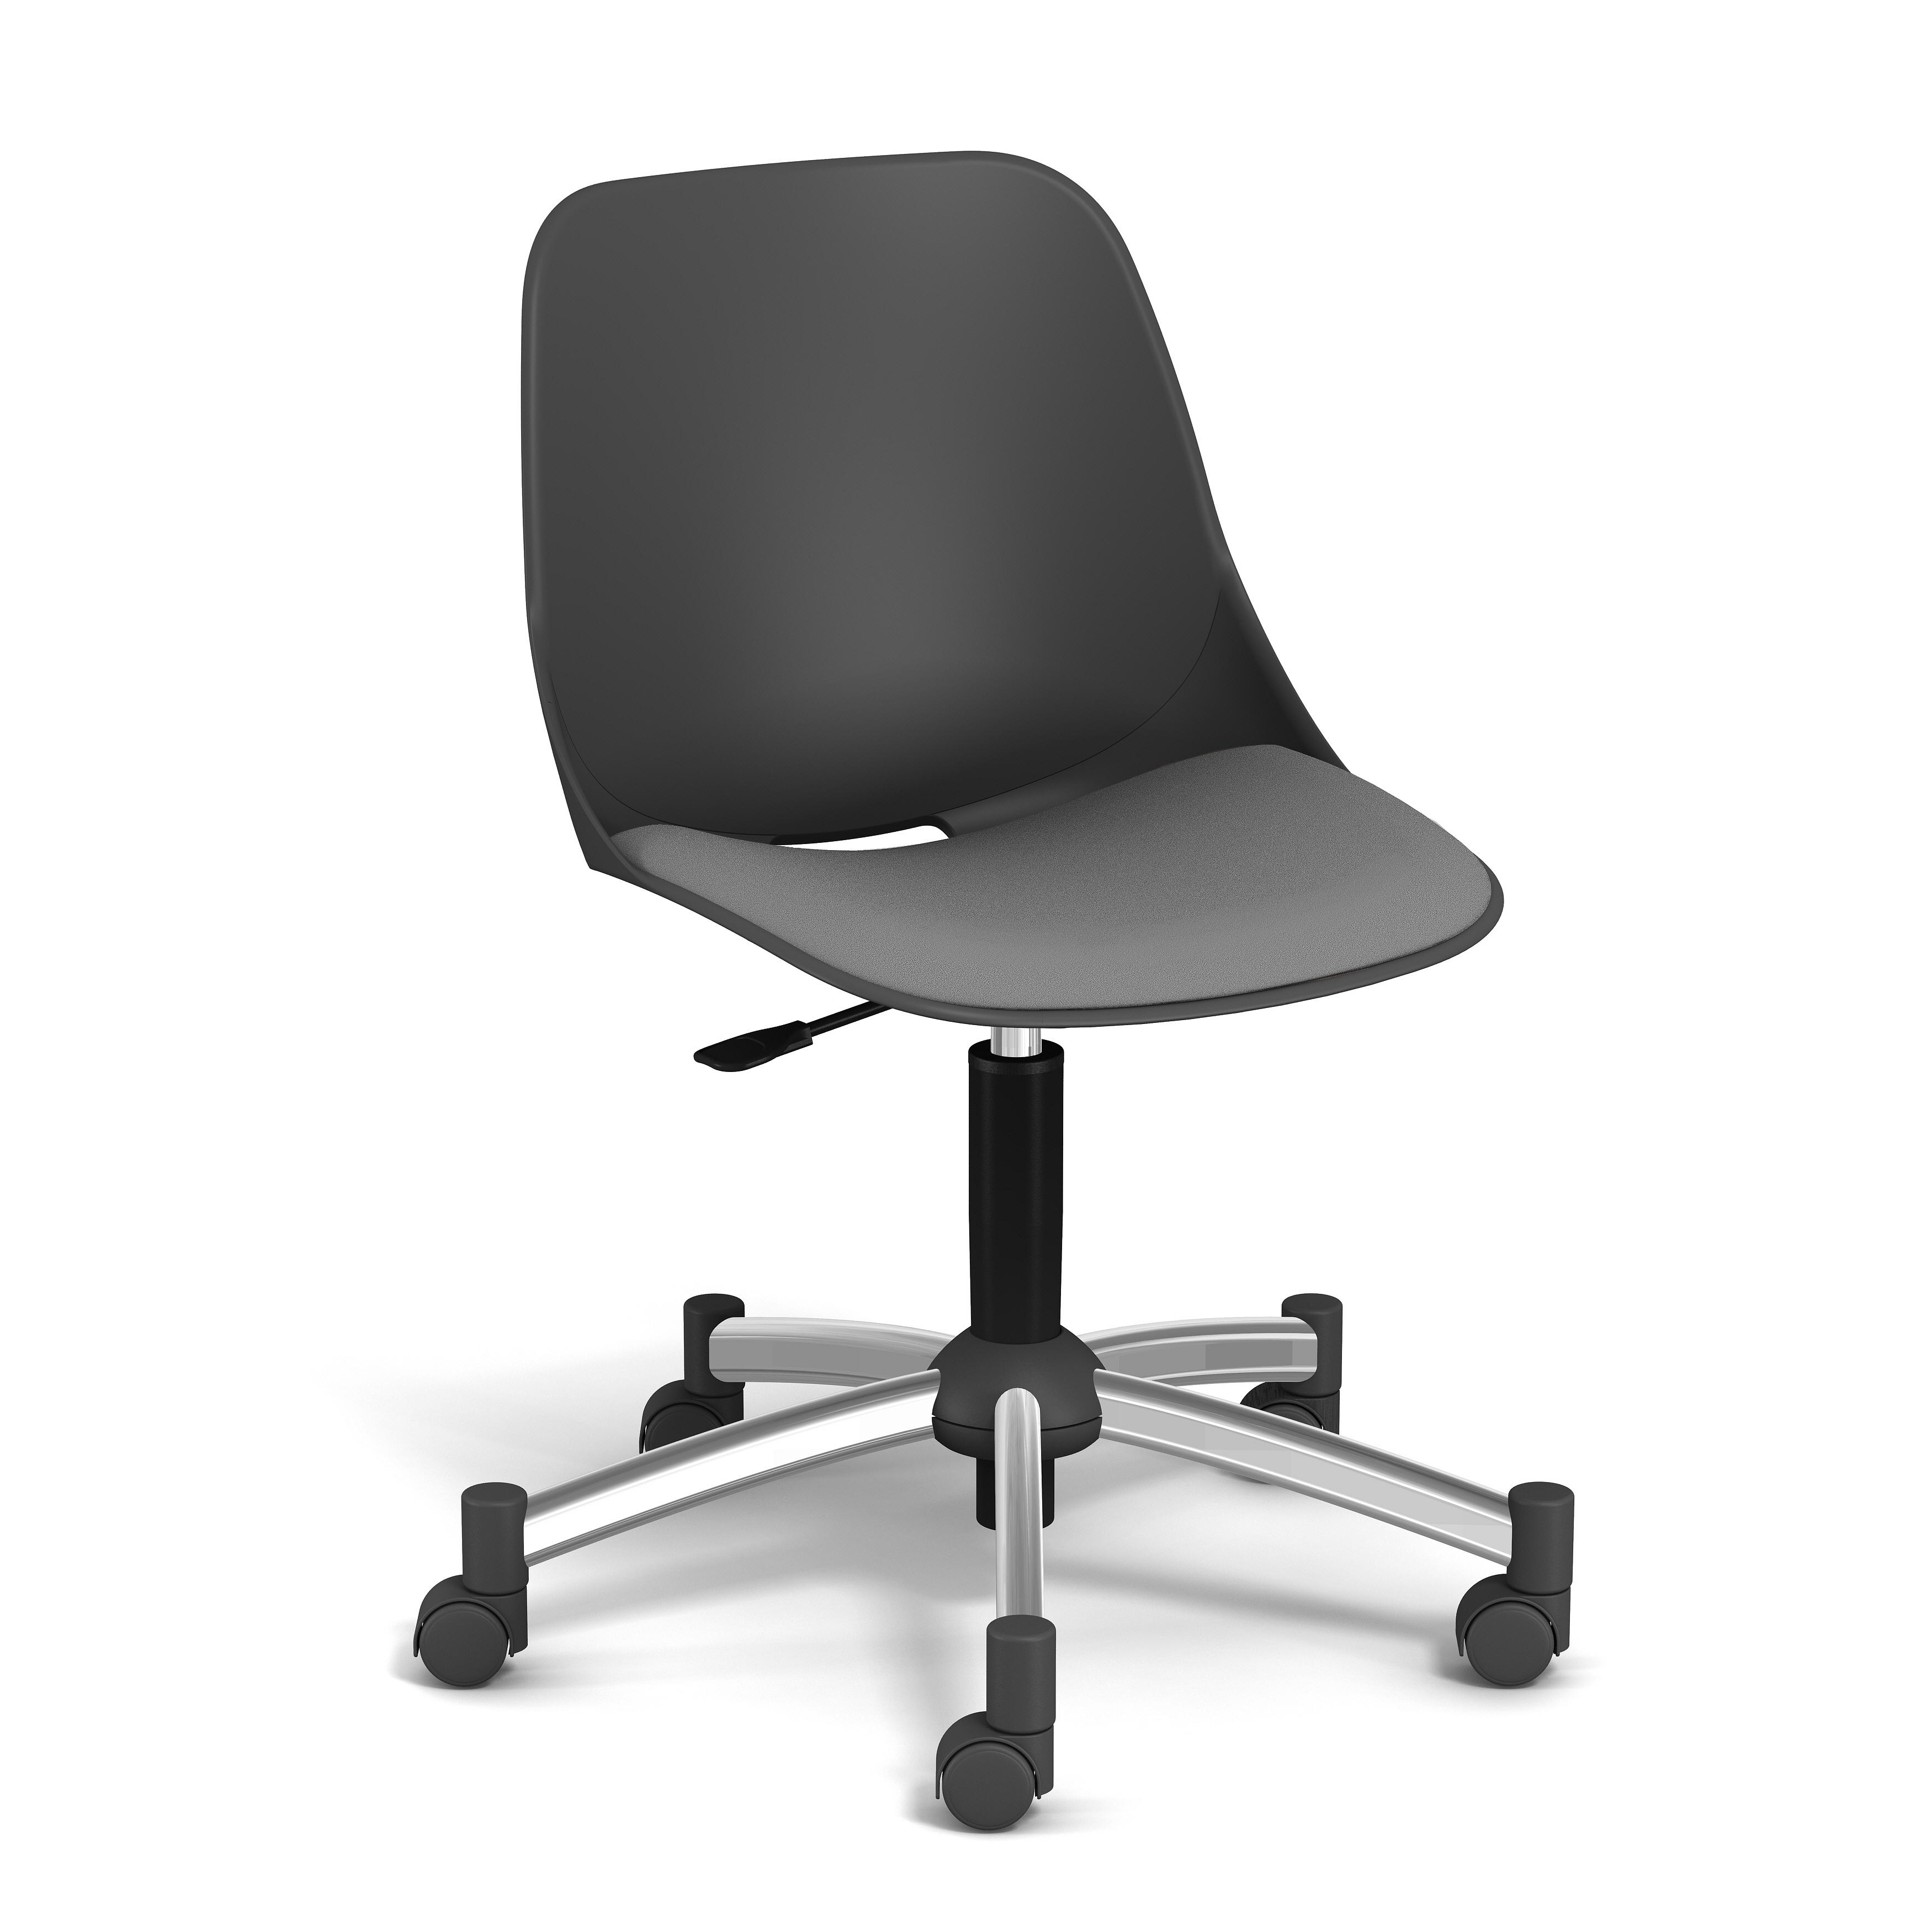 Chaise PALM - coque noire - assise gris clair - base chromé